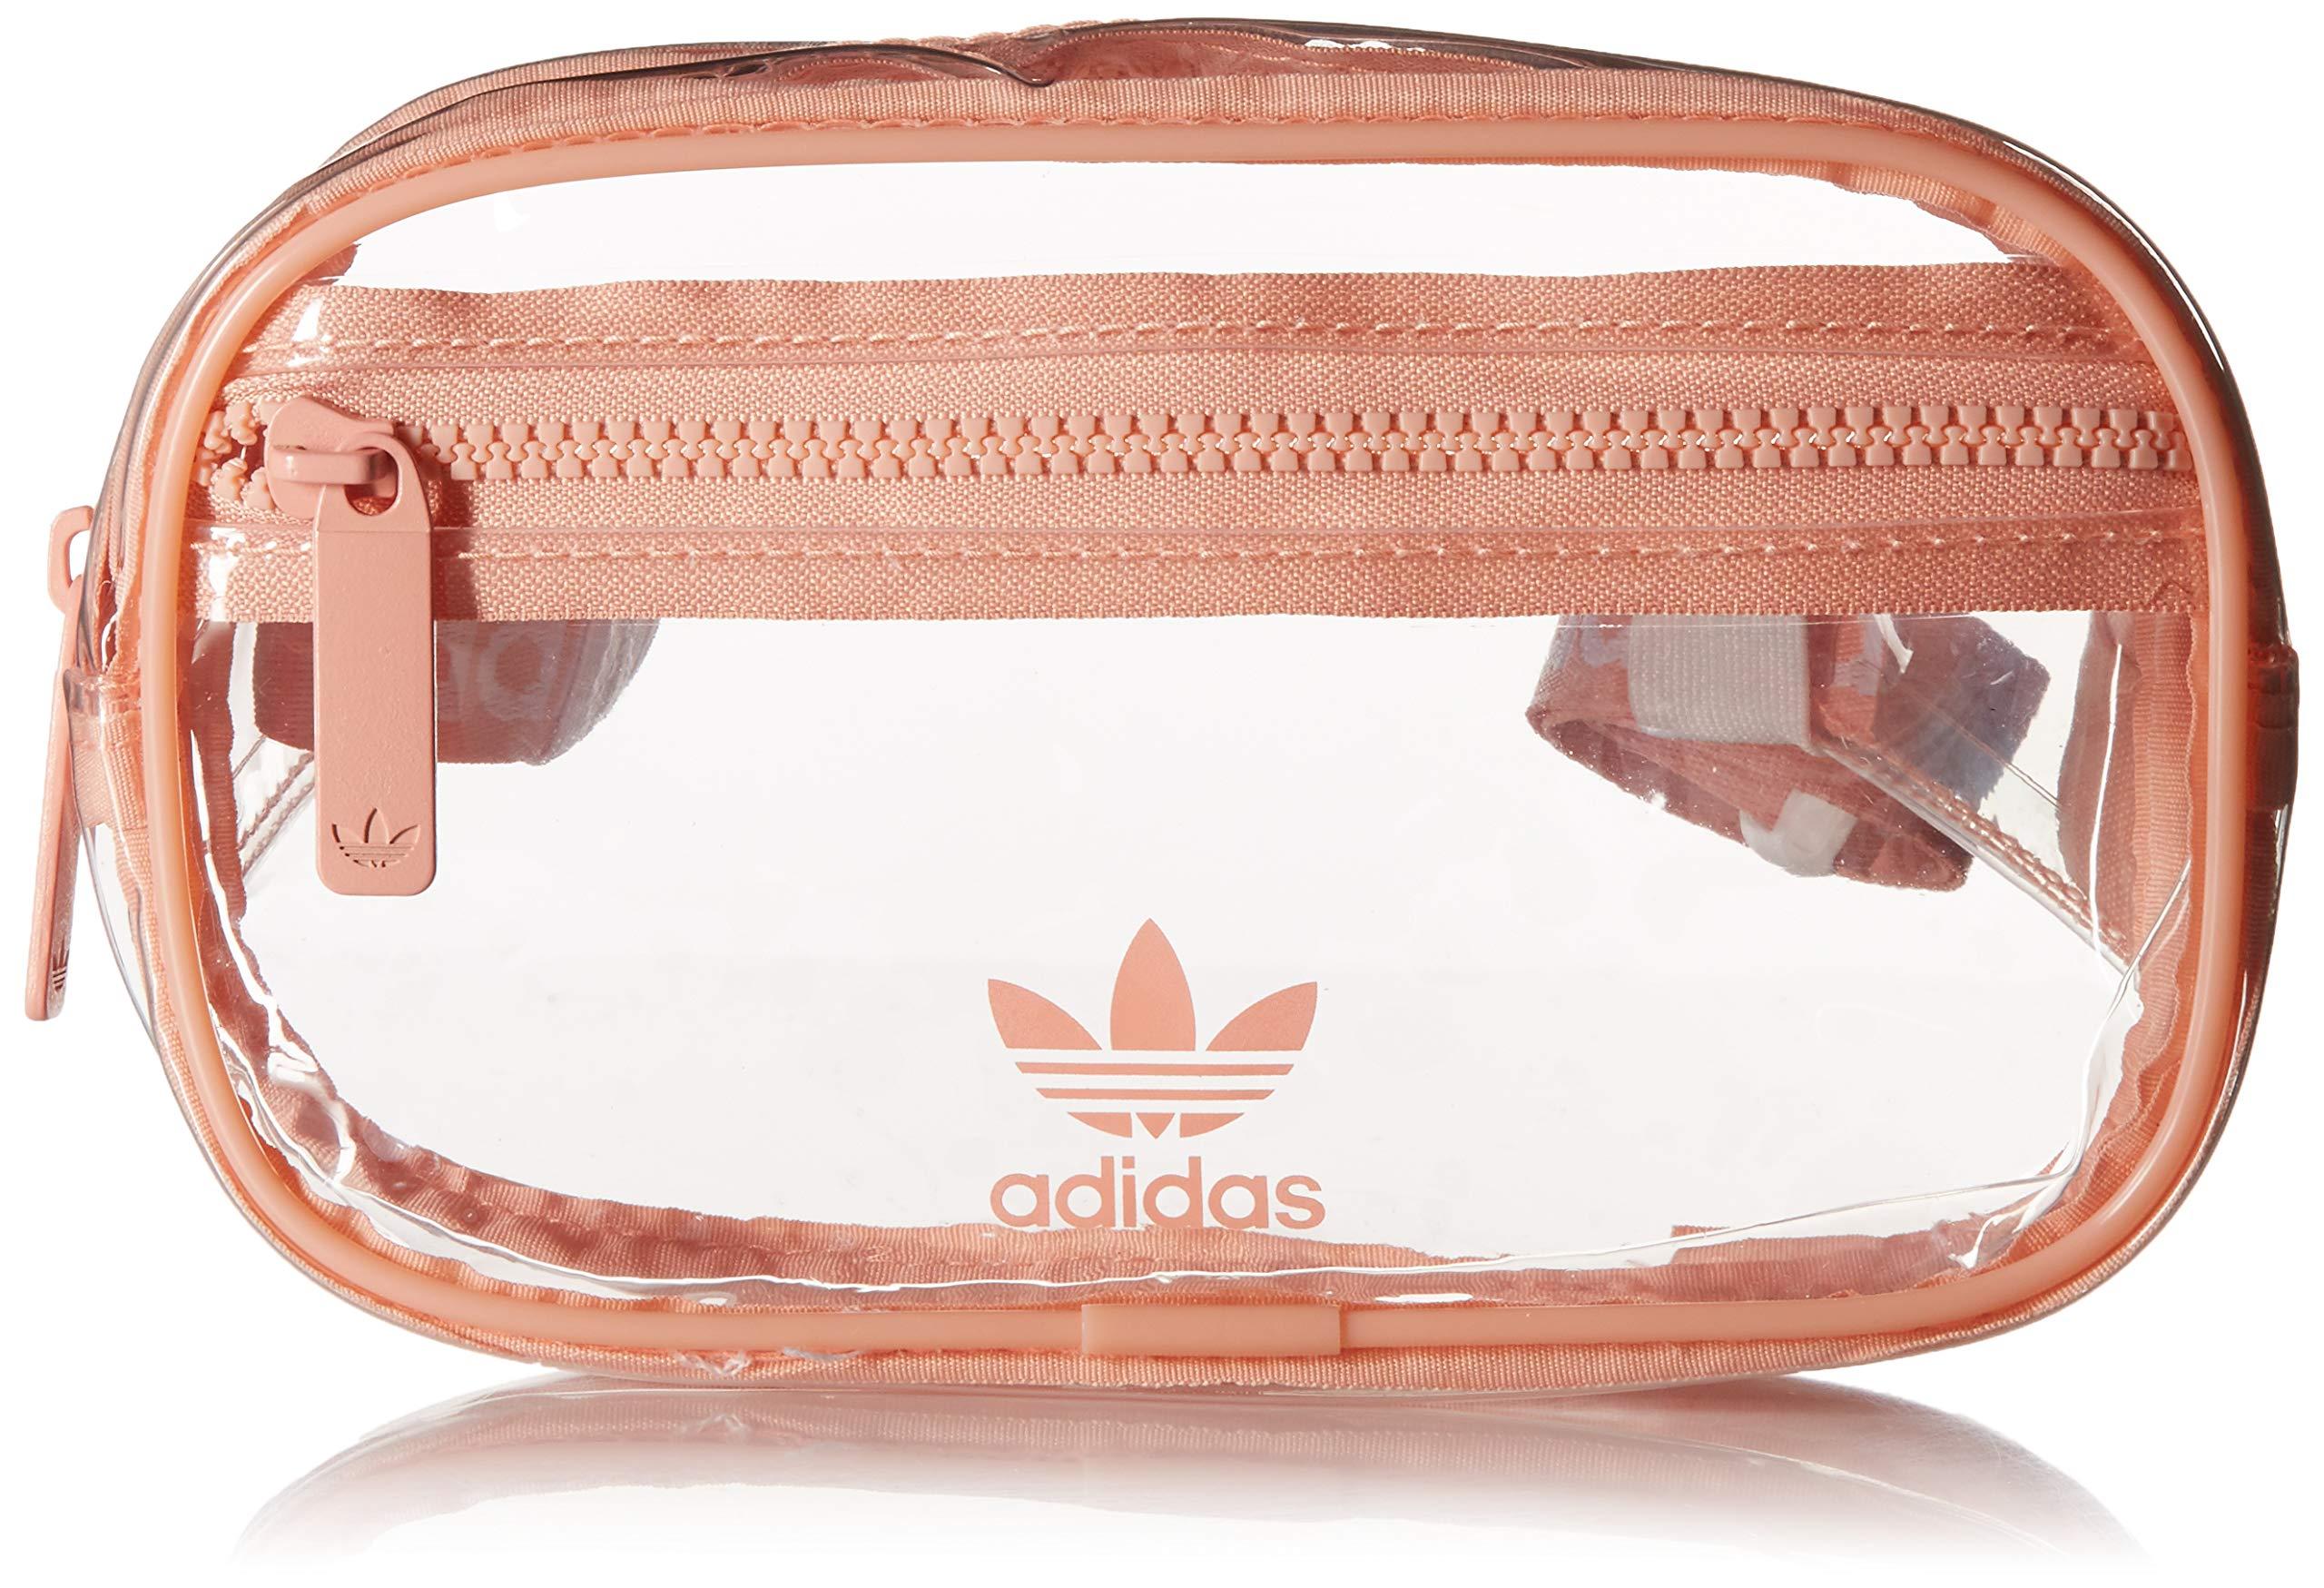 adidas Originals Originals Clear Waist Pack, Dust Pink, One Size by adidas Originals